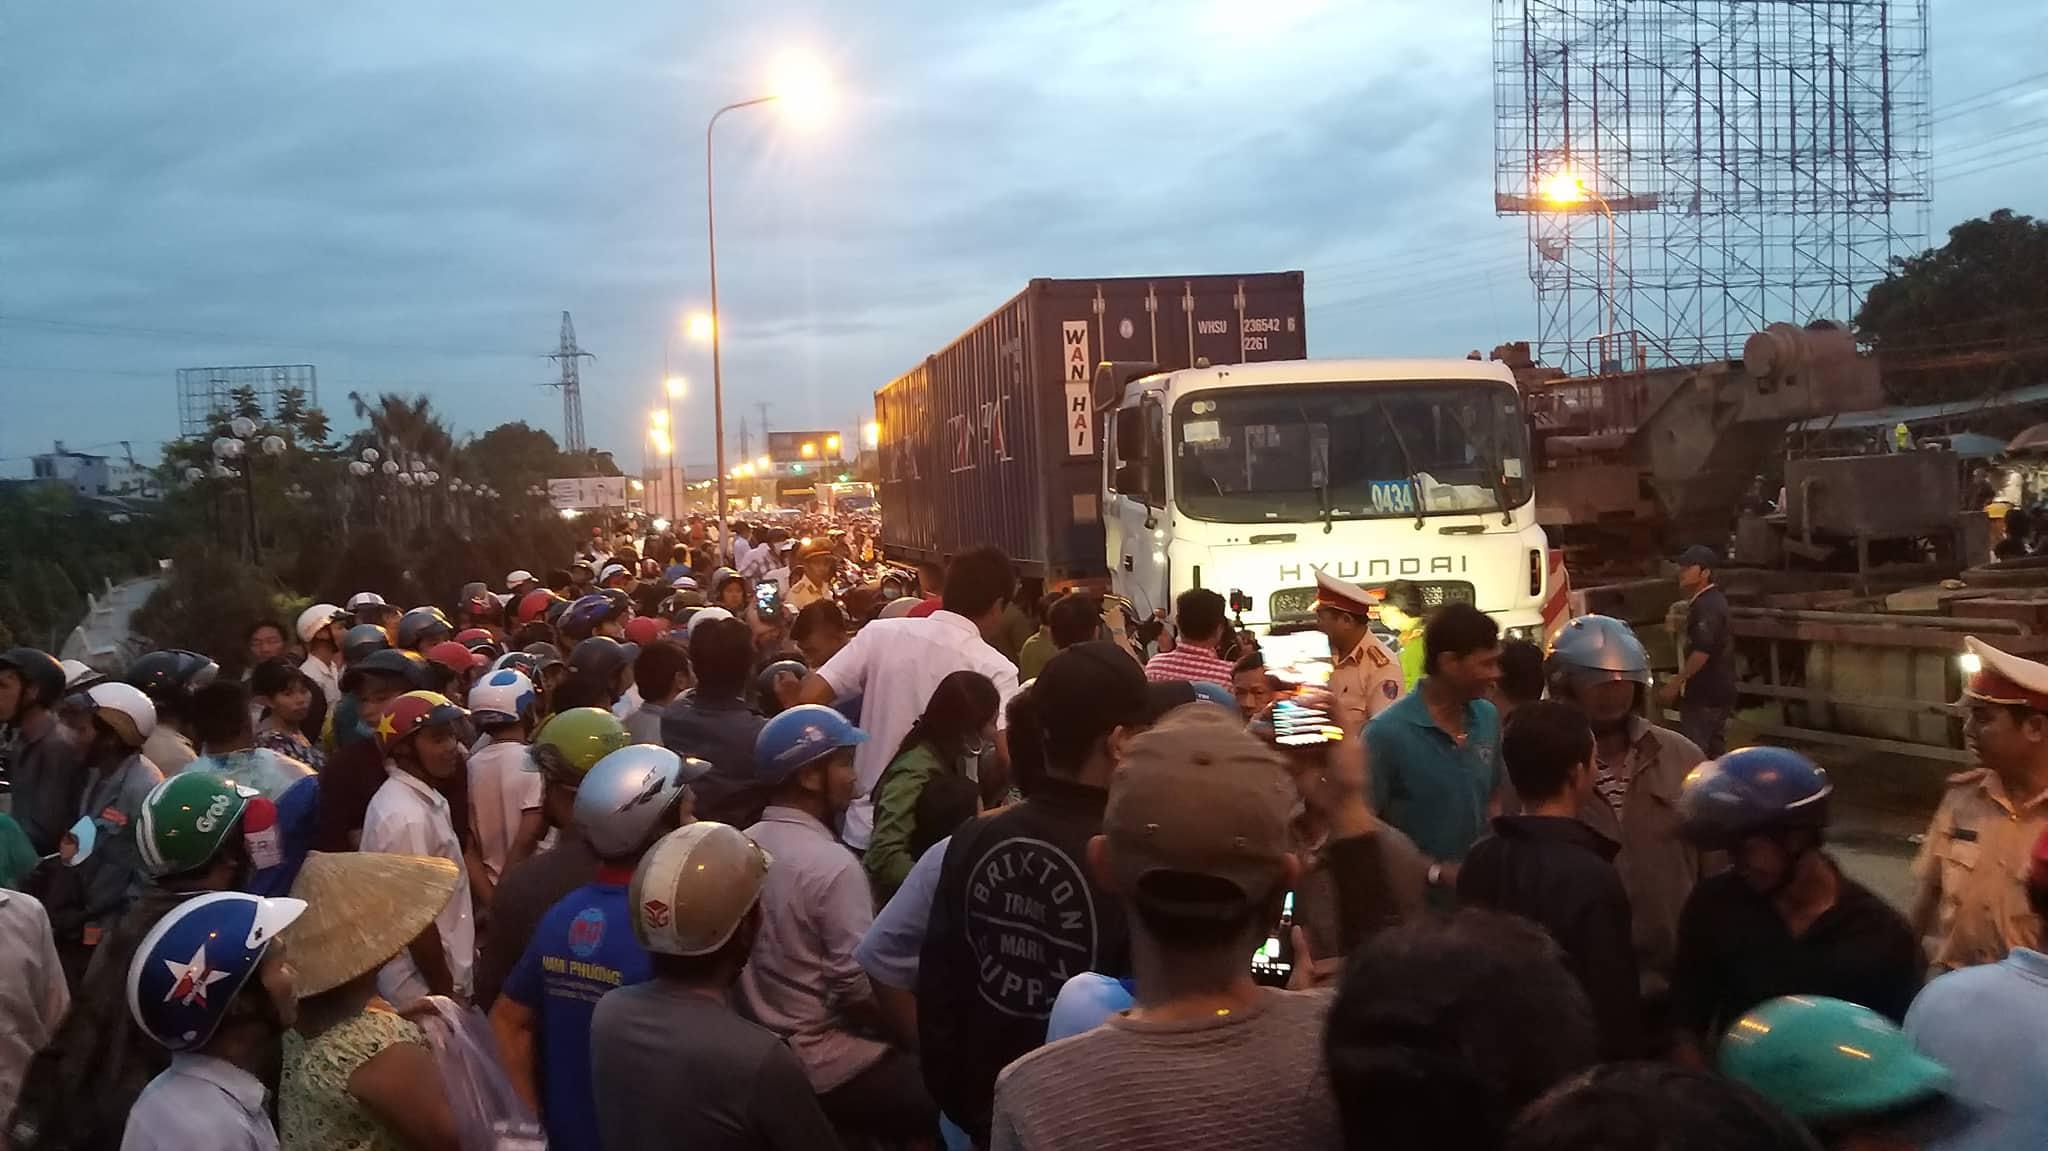 Vụ tai nạn kinh hoàng ở Bến Lức: Kẹt xe kinh hoàng qua hiện trường vì hàng trăm người hiếu kỳ - Ảnh 9